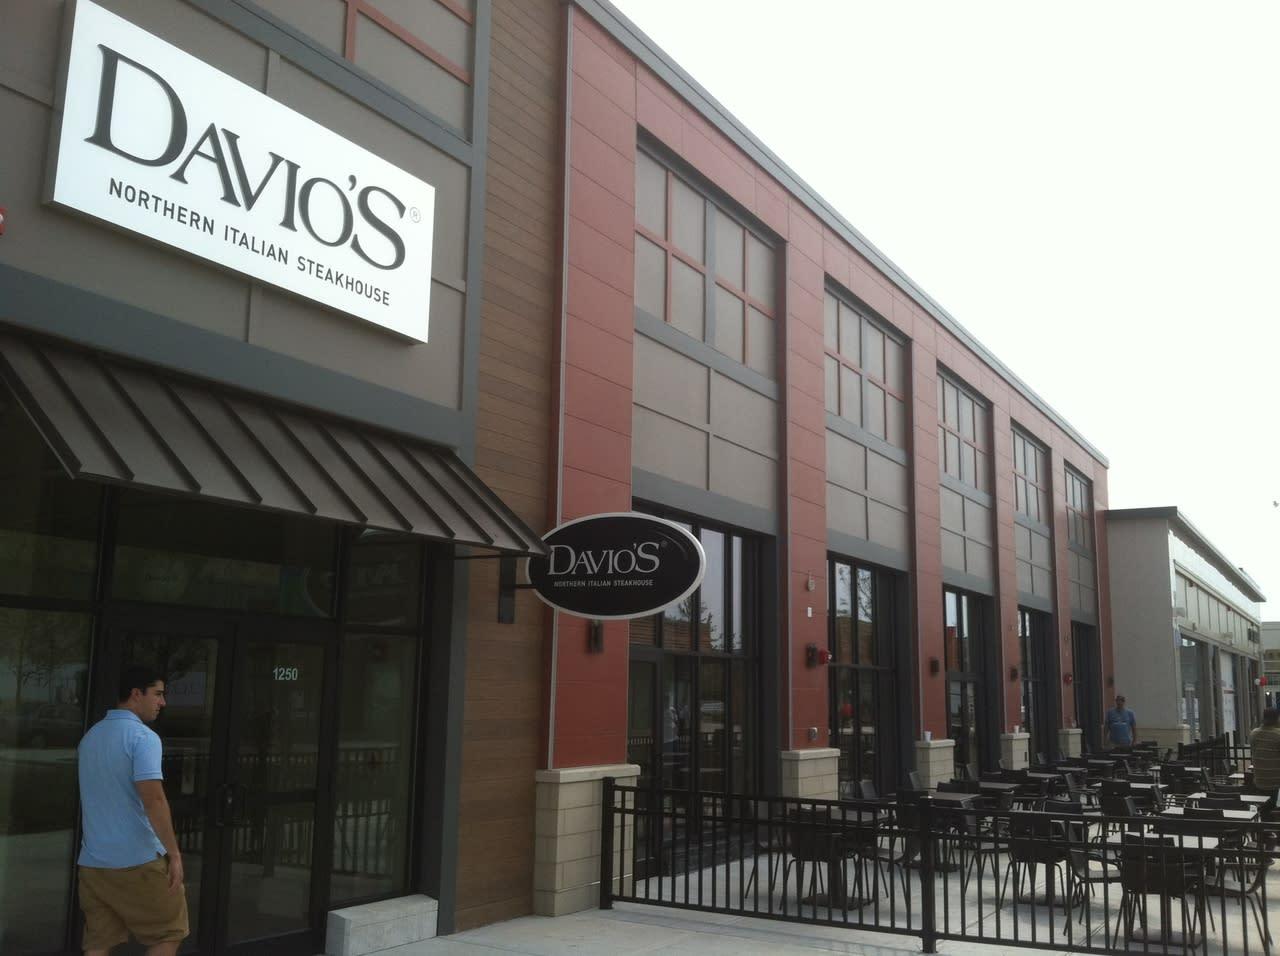 Davio's Northern Italian Steakhouse - Lynnfield